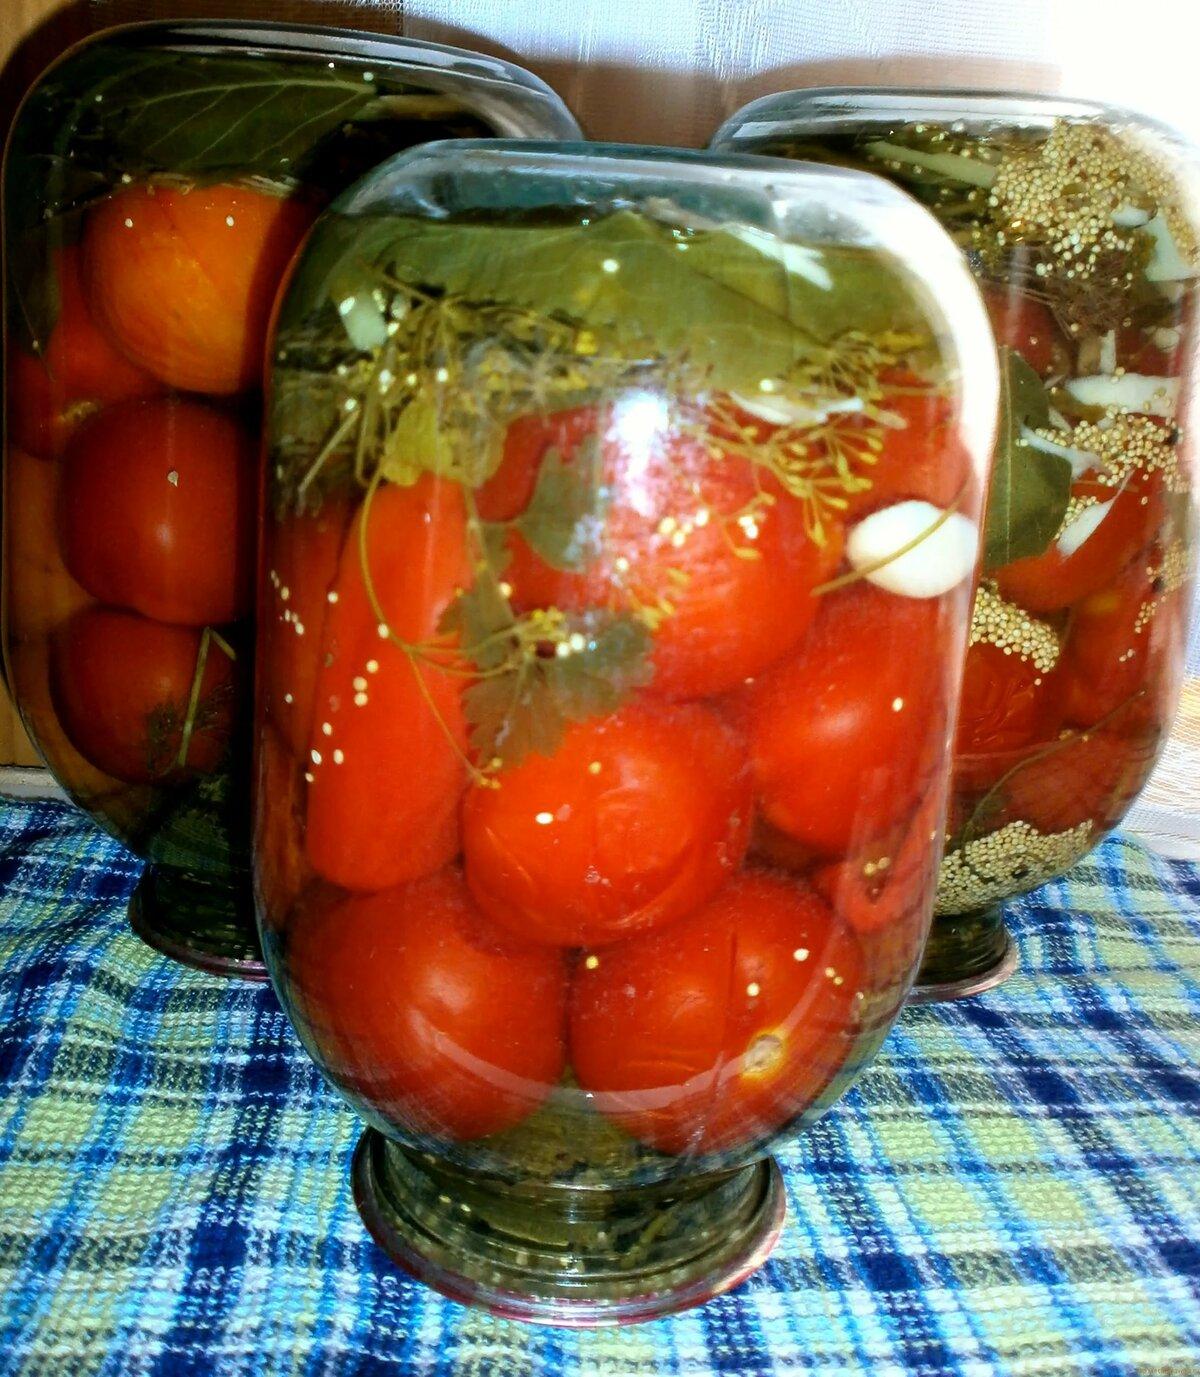 закрутка помидоров картинка все бывшие